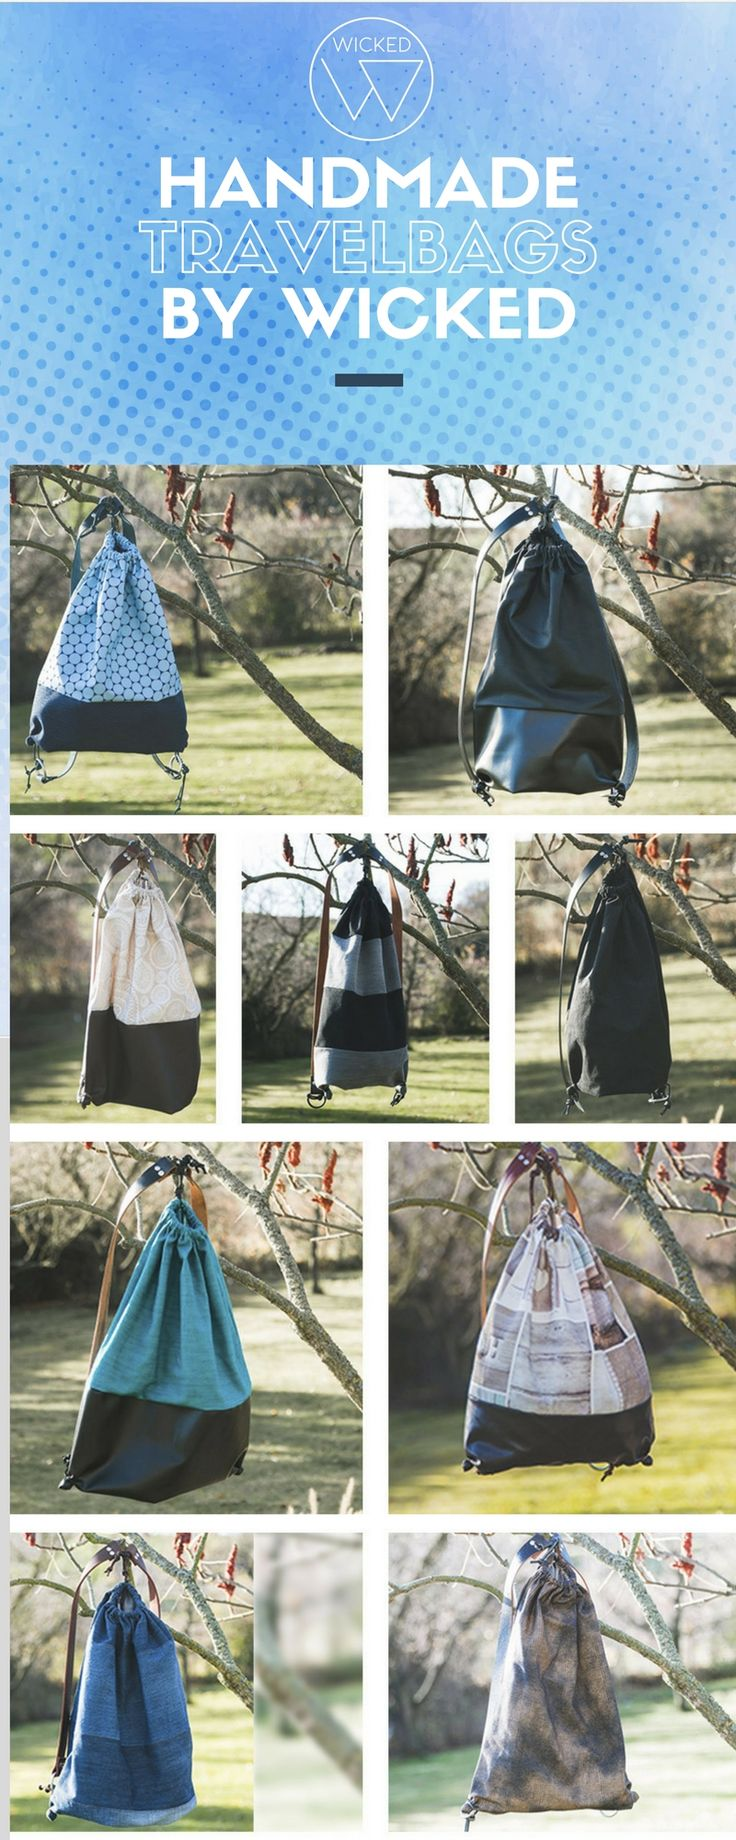 Travelbags by Wicked - Unsere Turnsack ähnlichen Rucksäcke werden in vielen verschiedenen Varianten gefertigt. Jeder Travelbag ist ein Unikat und wird von uns selbst hergestellt. Die Lederriemen verleihen den Rucksäcken ein angenehmes Tragegefühl und sehen auch super schick aus.